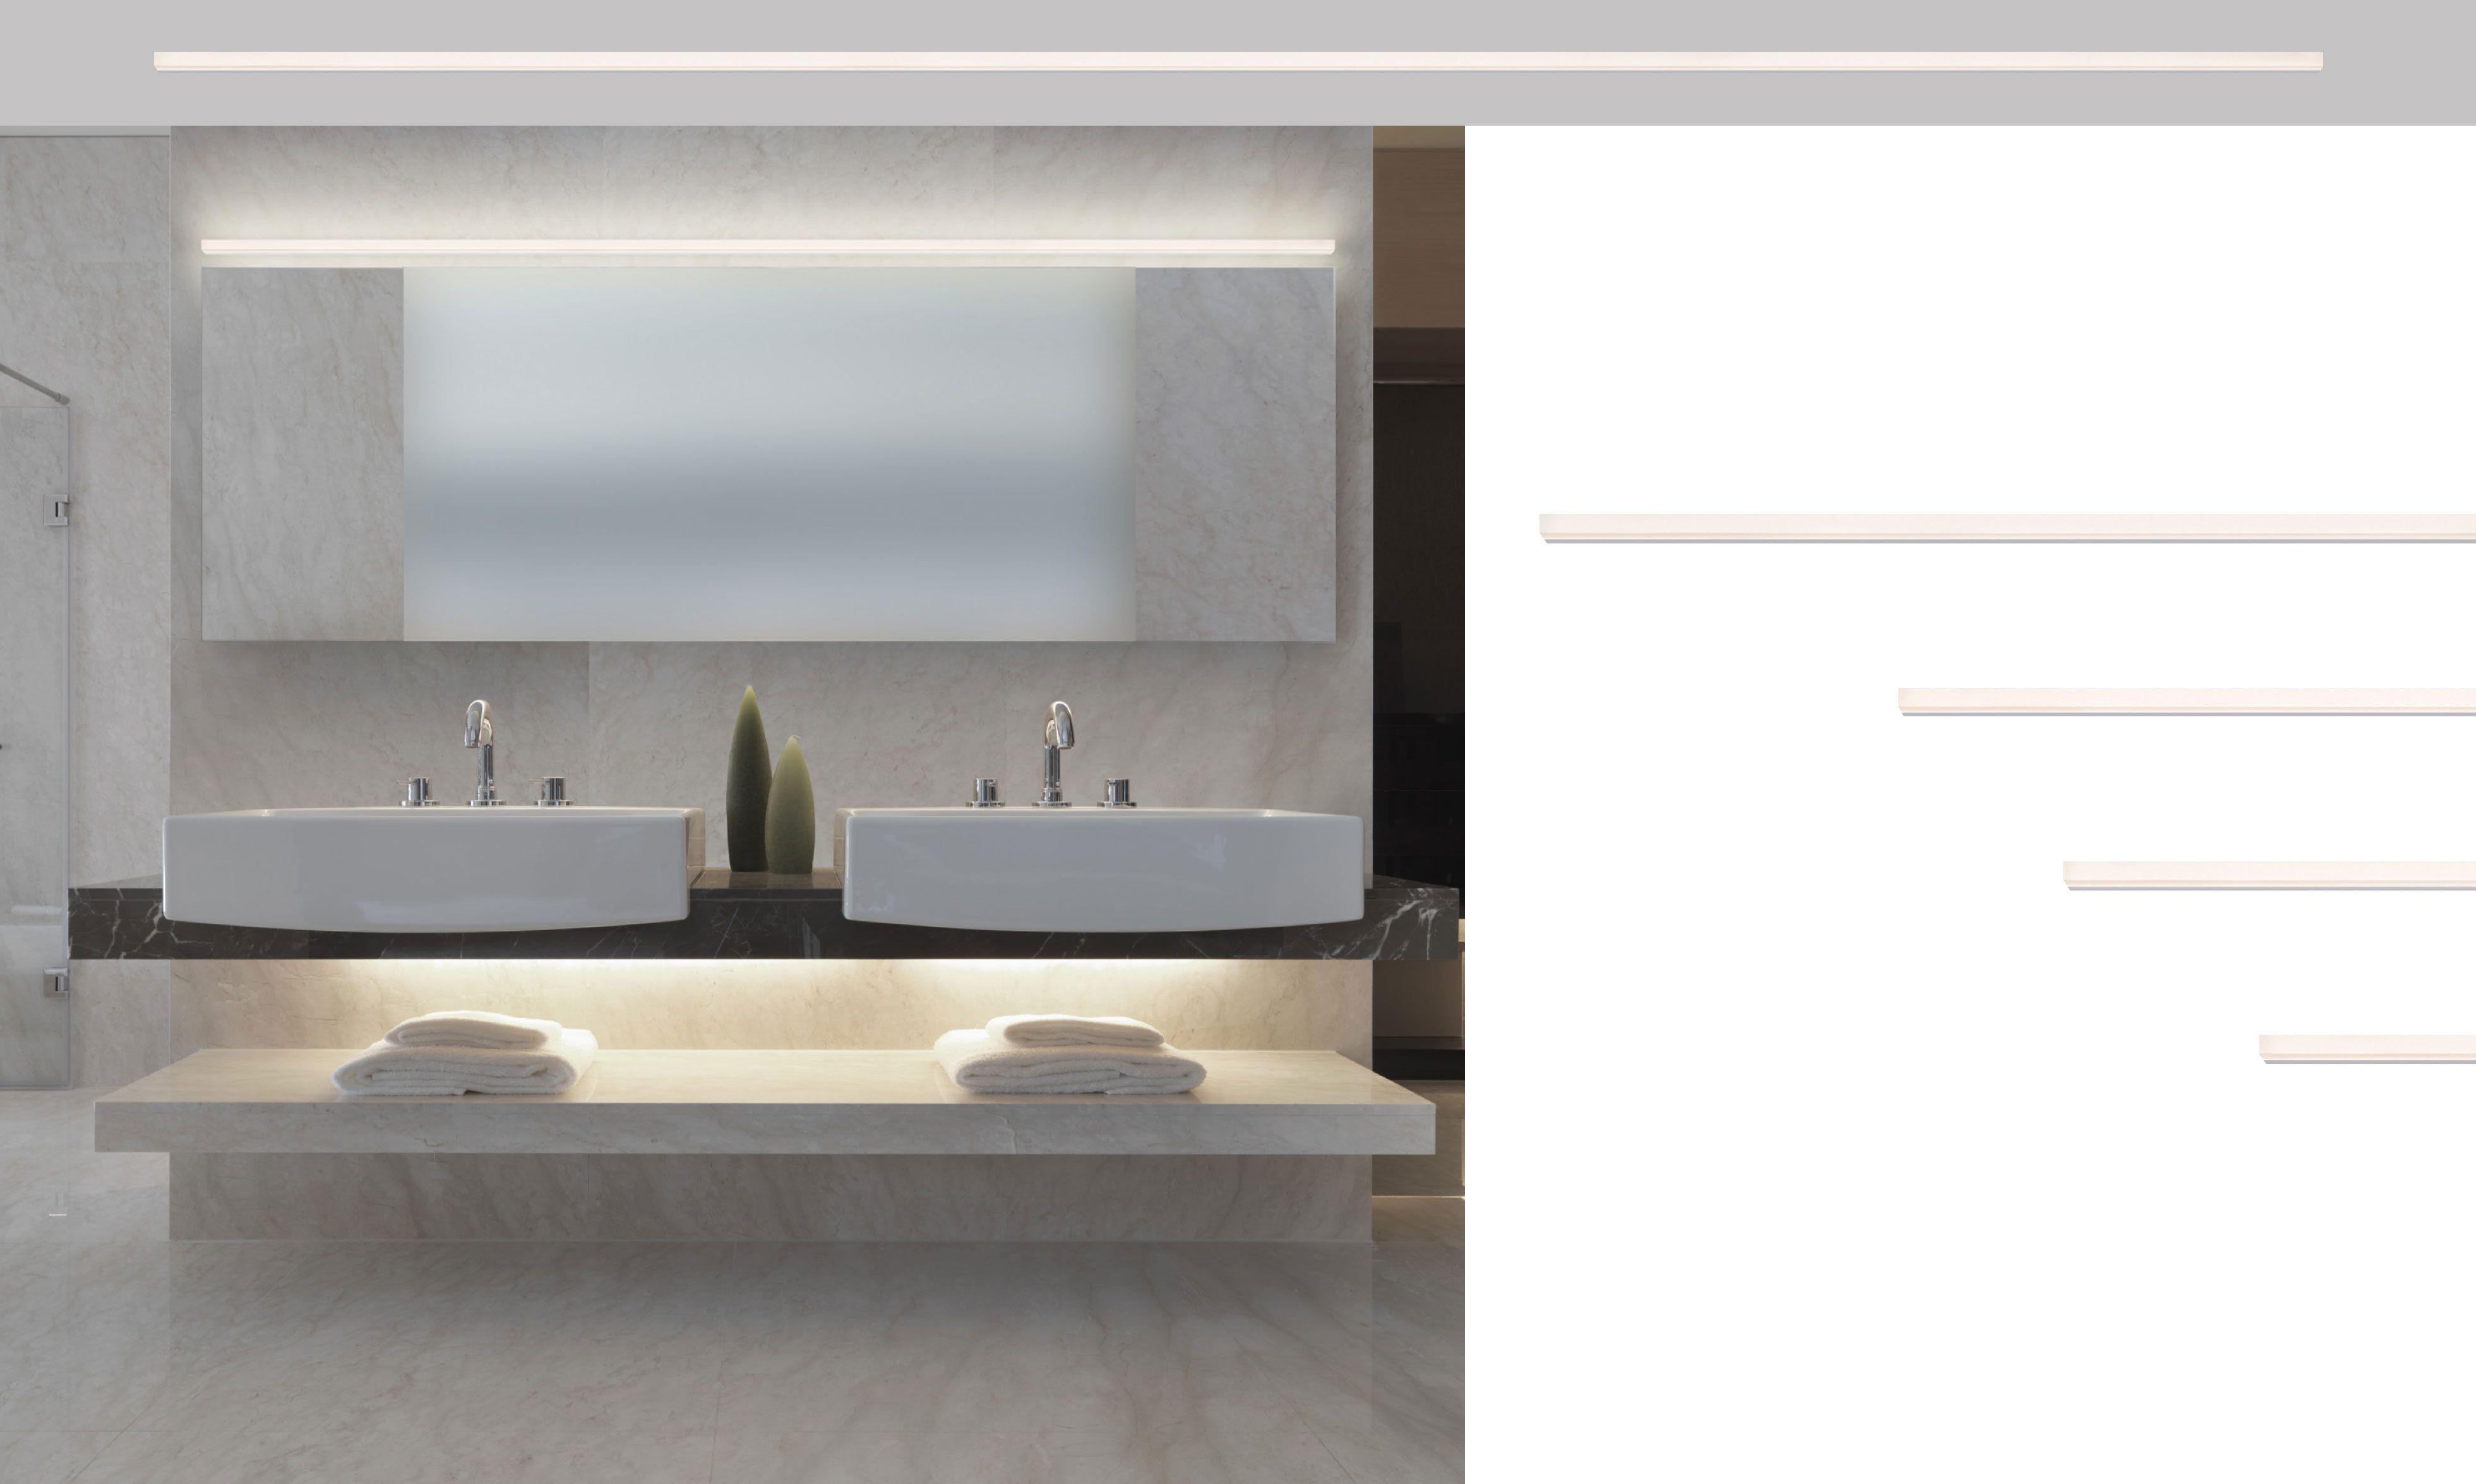 stiletto lungo 96 LED Wall Bar(2338.16) SONNEMAN - A Way of Light  sc 1 st  Pinterest & stiletto lungo 96 LED Wall Bar(2338.16) SONNEMAN - A Way of Light ... azcodes.com